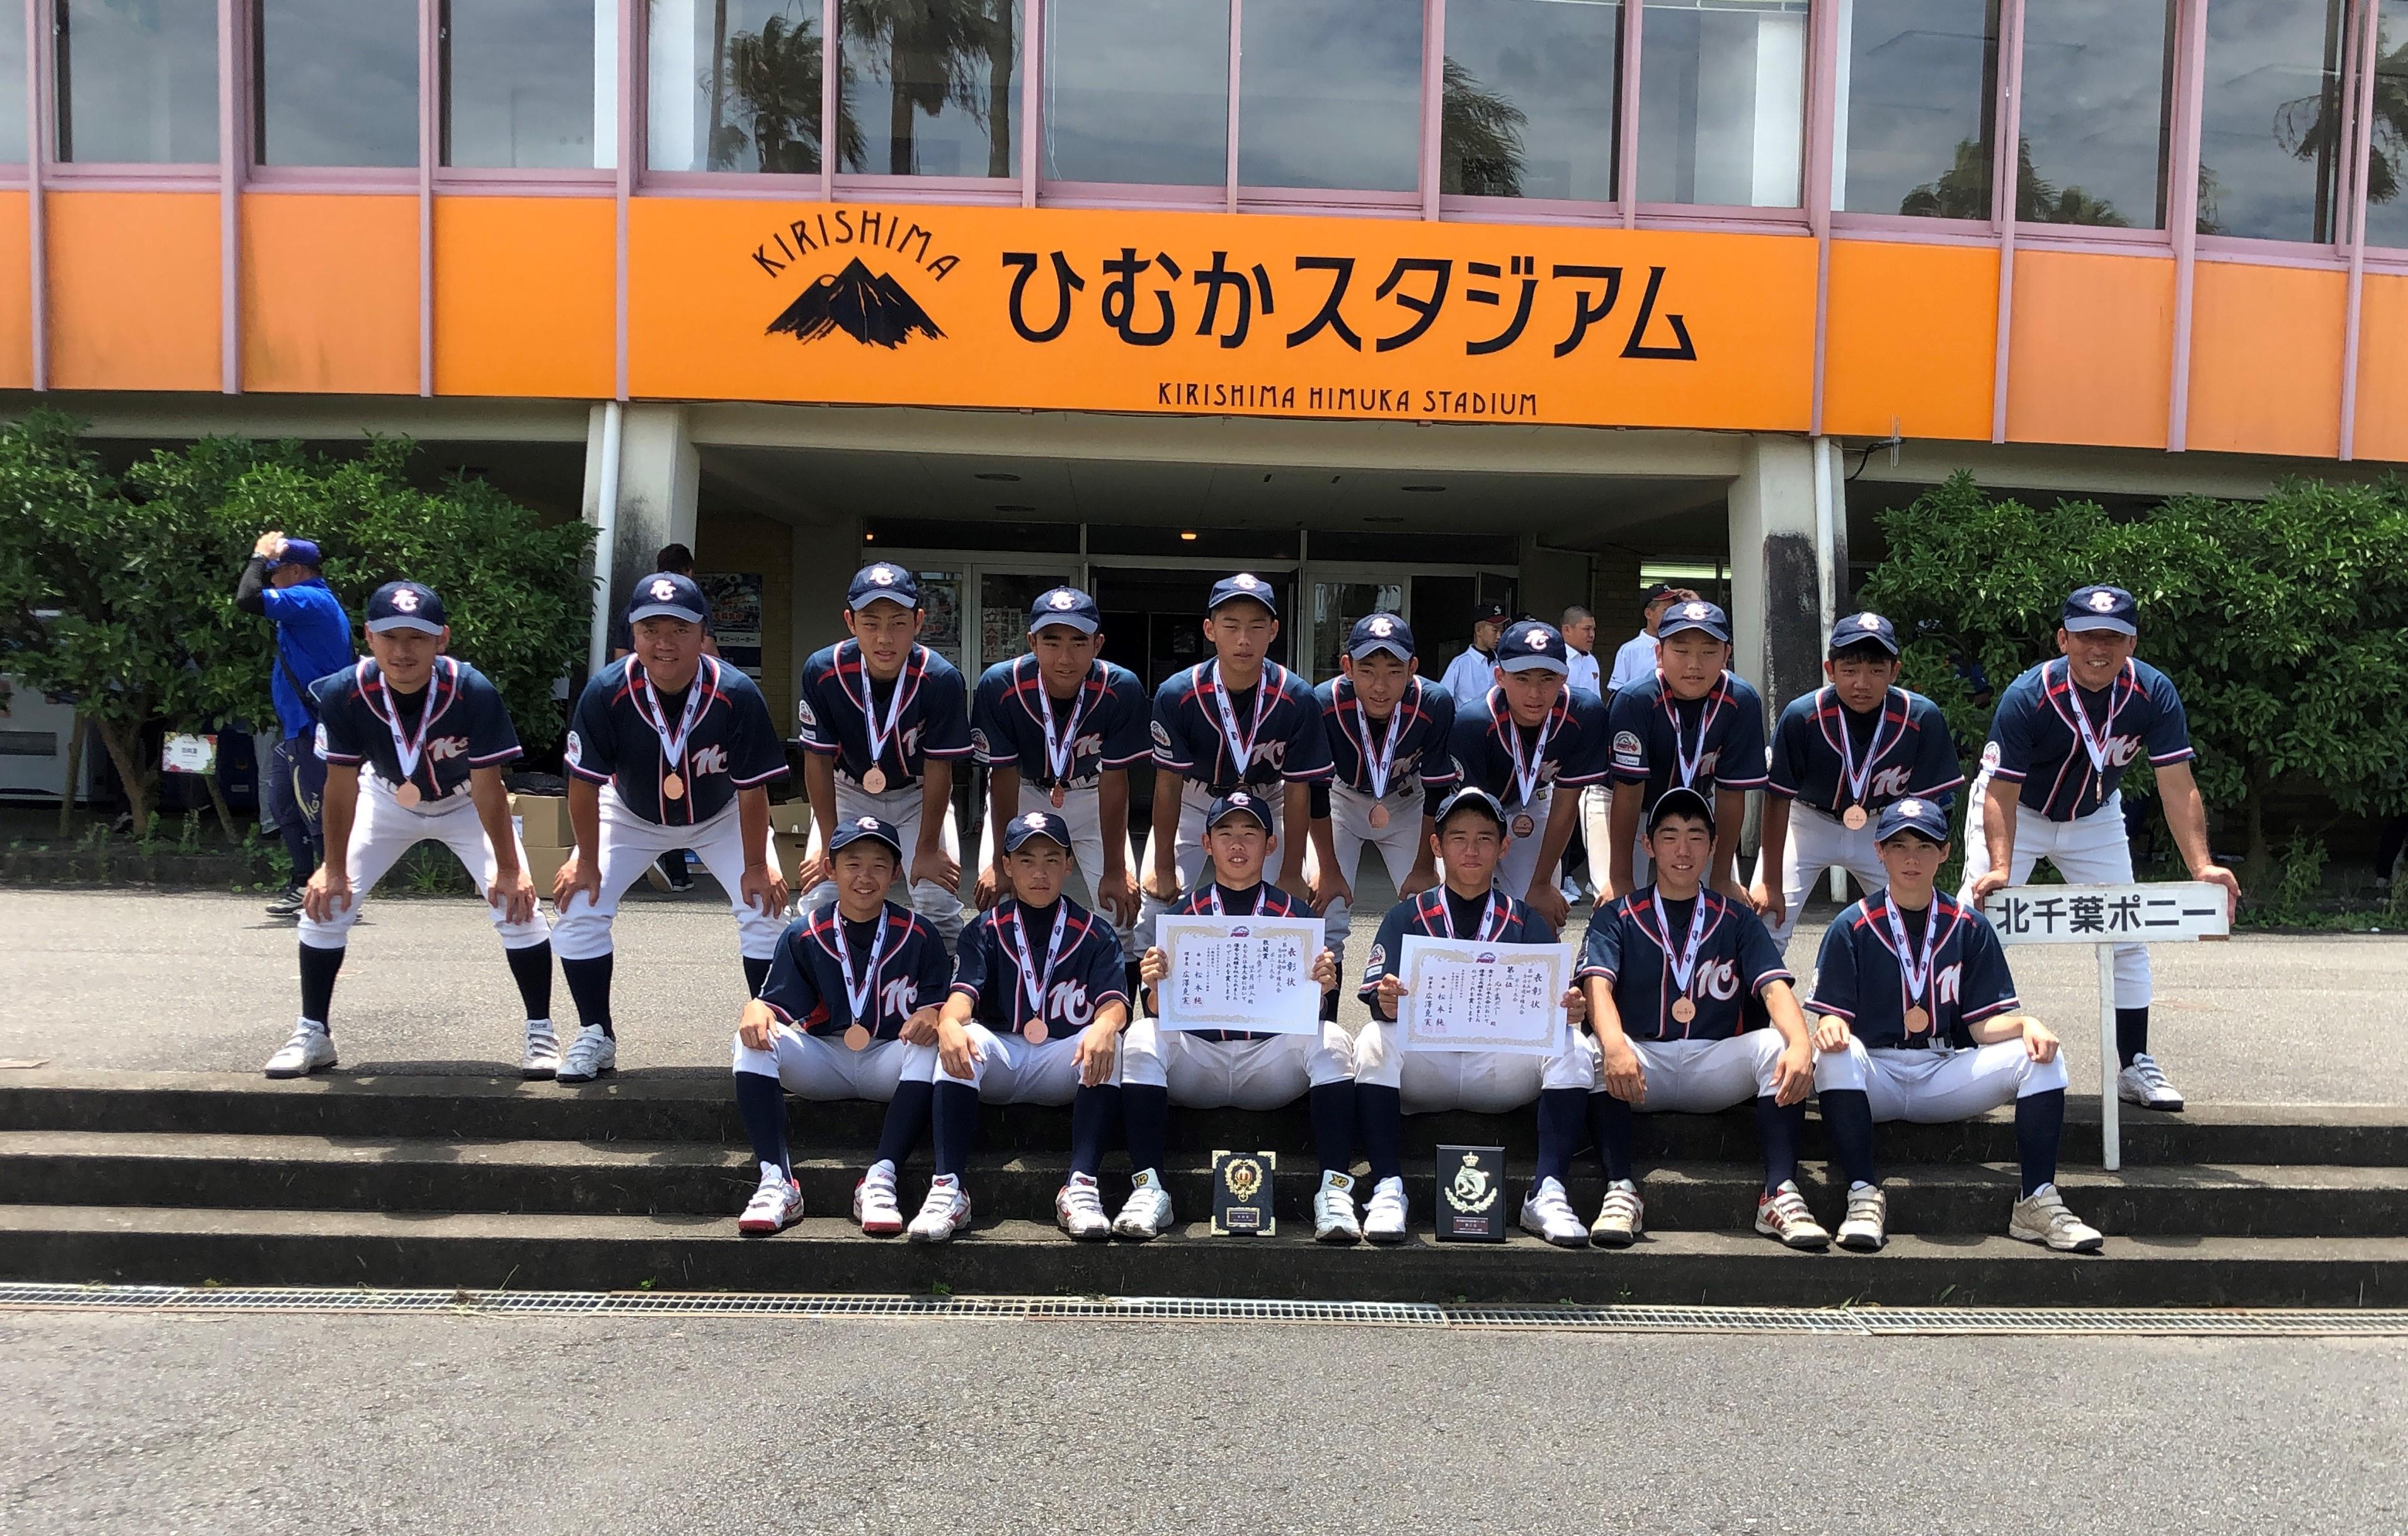 2019年7月に宮崎県で行われた全日本選手権で第3位になりました